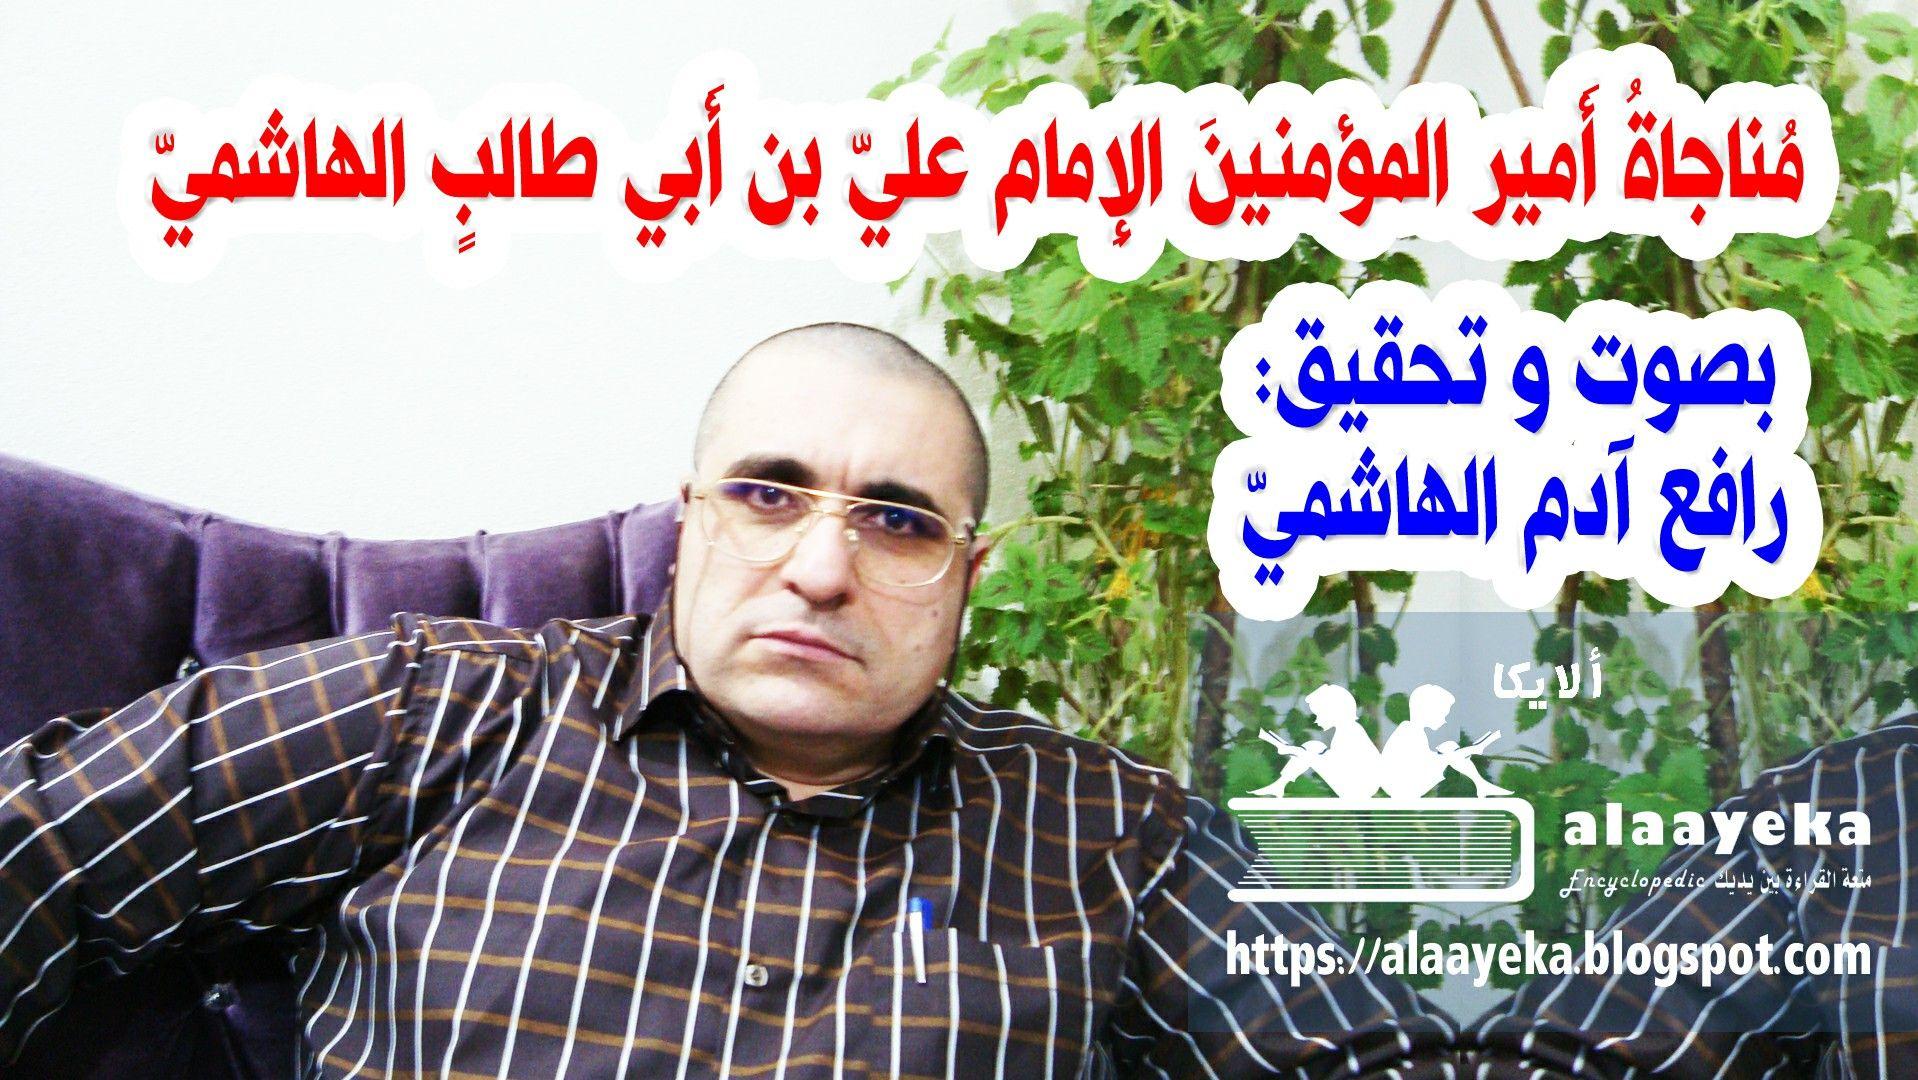 م ناجاة أ مير المؤمنين الإ مام علي بن أ بي طالب الهاشمي Blog Posts Blog